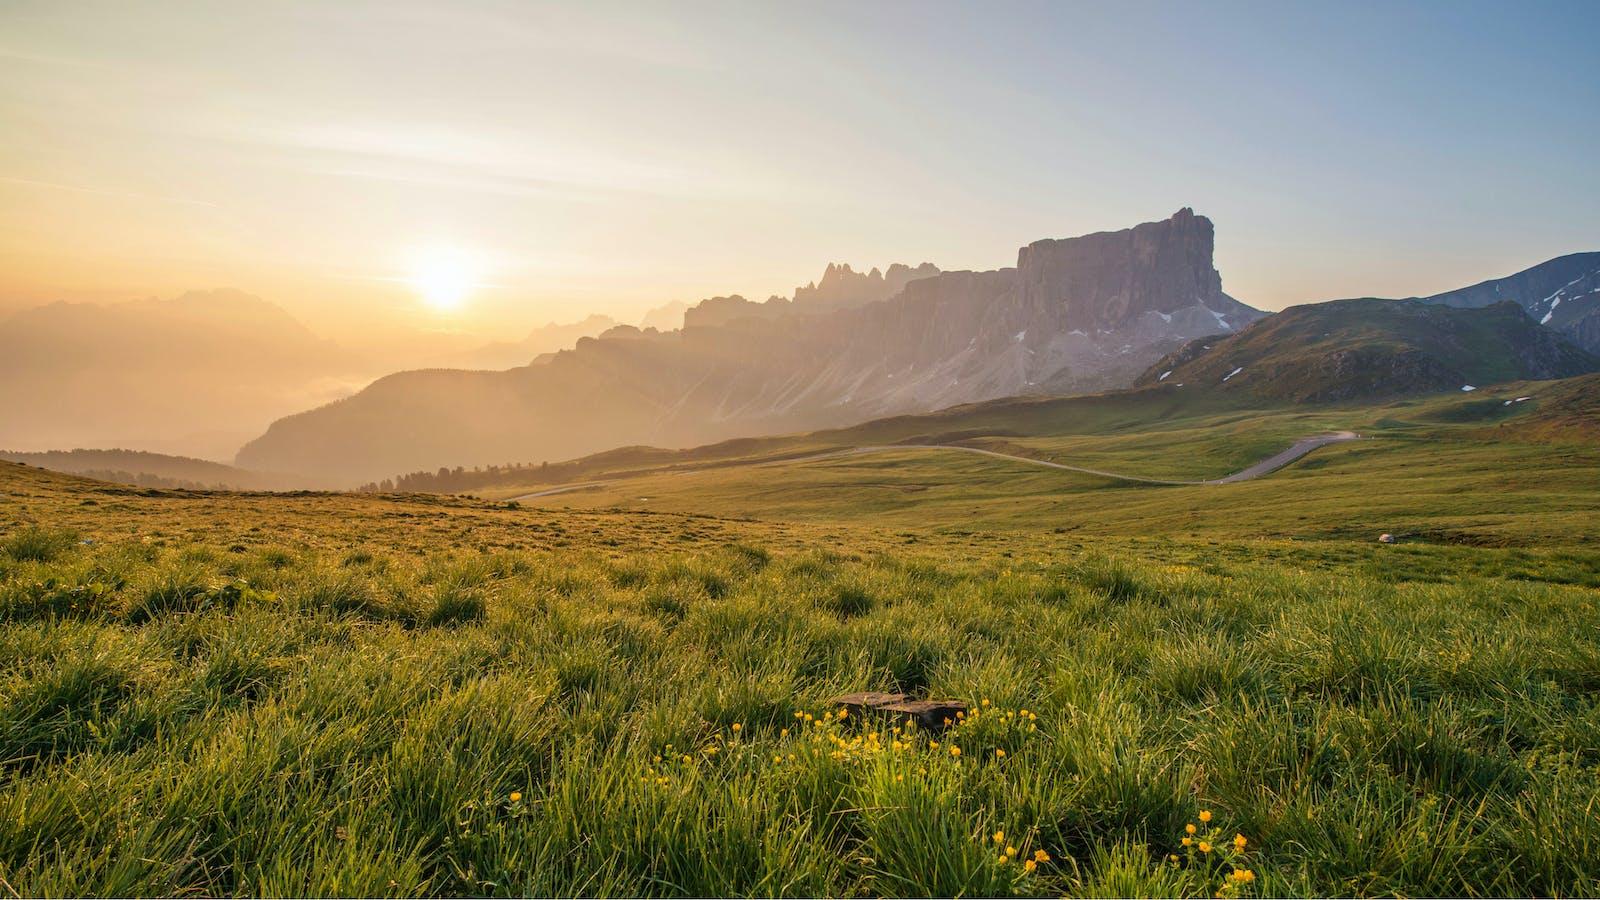 Nuestra oración más profunda: santificado sea Tu nombre